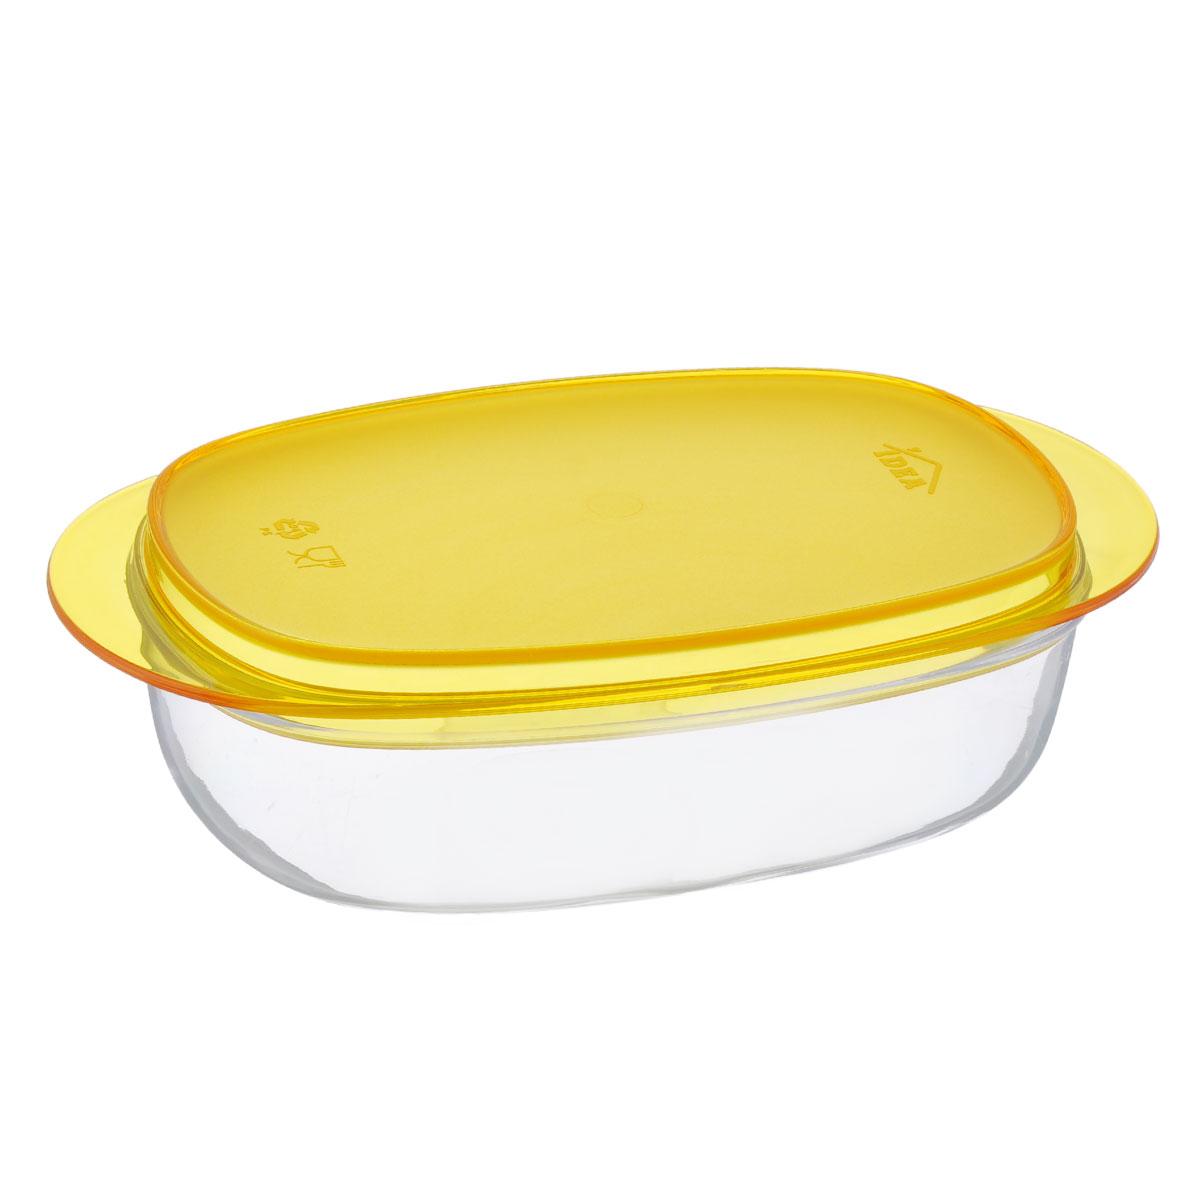 Масленка Idea Кристалл, цвет: оранжевый, прозрачныйVT-1520(SR)Масленка Idea Кристалл изготовлена из пищевого пластика. Изделие состоит из подноса и прозрачной крышки. Крышка плотно закрывается, сохраняя масло вкусным и свежим. Масленка Idea Кристалл станет прекрасным дополнением к коллекции ваших кухонных аксессуаров. Размер подноса: 19 см х 10,5 см х 1,5 см. Размер крышки: 16 см х 9,5 см х 5 см.